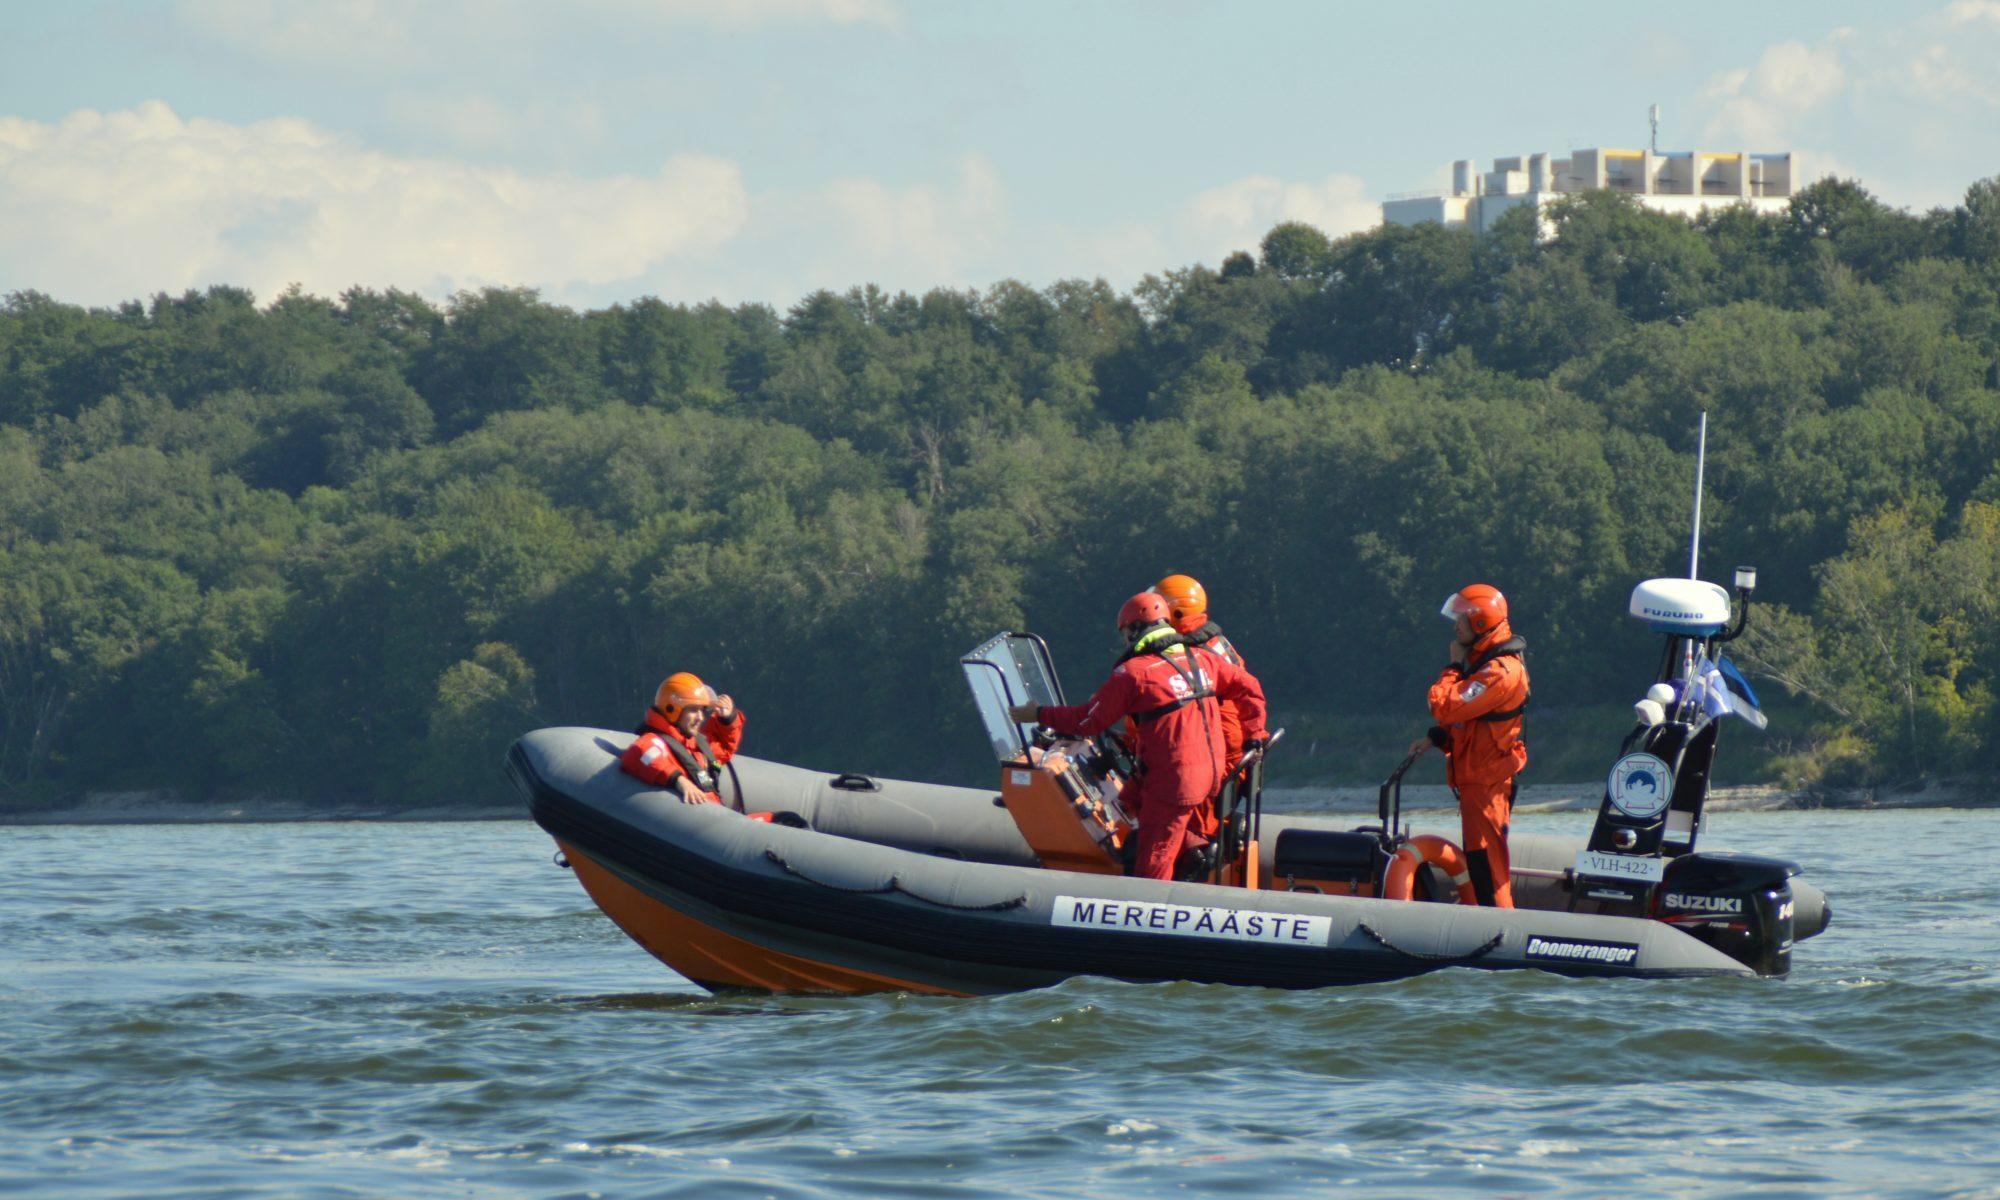 Muhu vabatahtlik merepääste